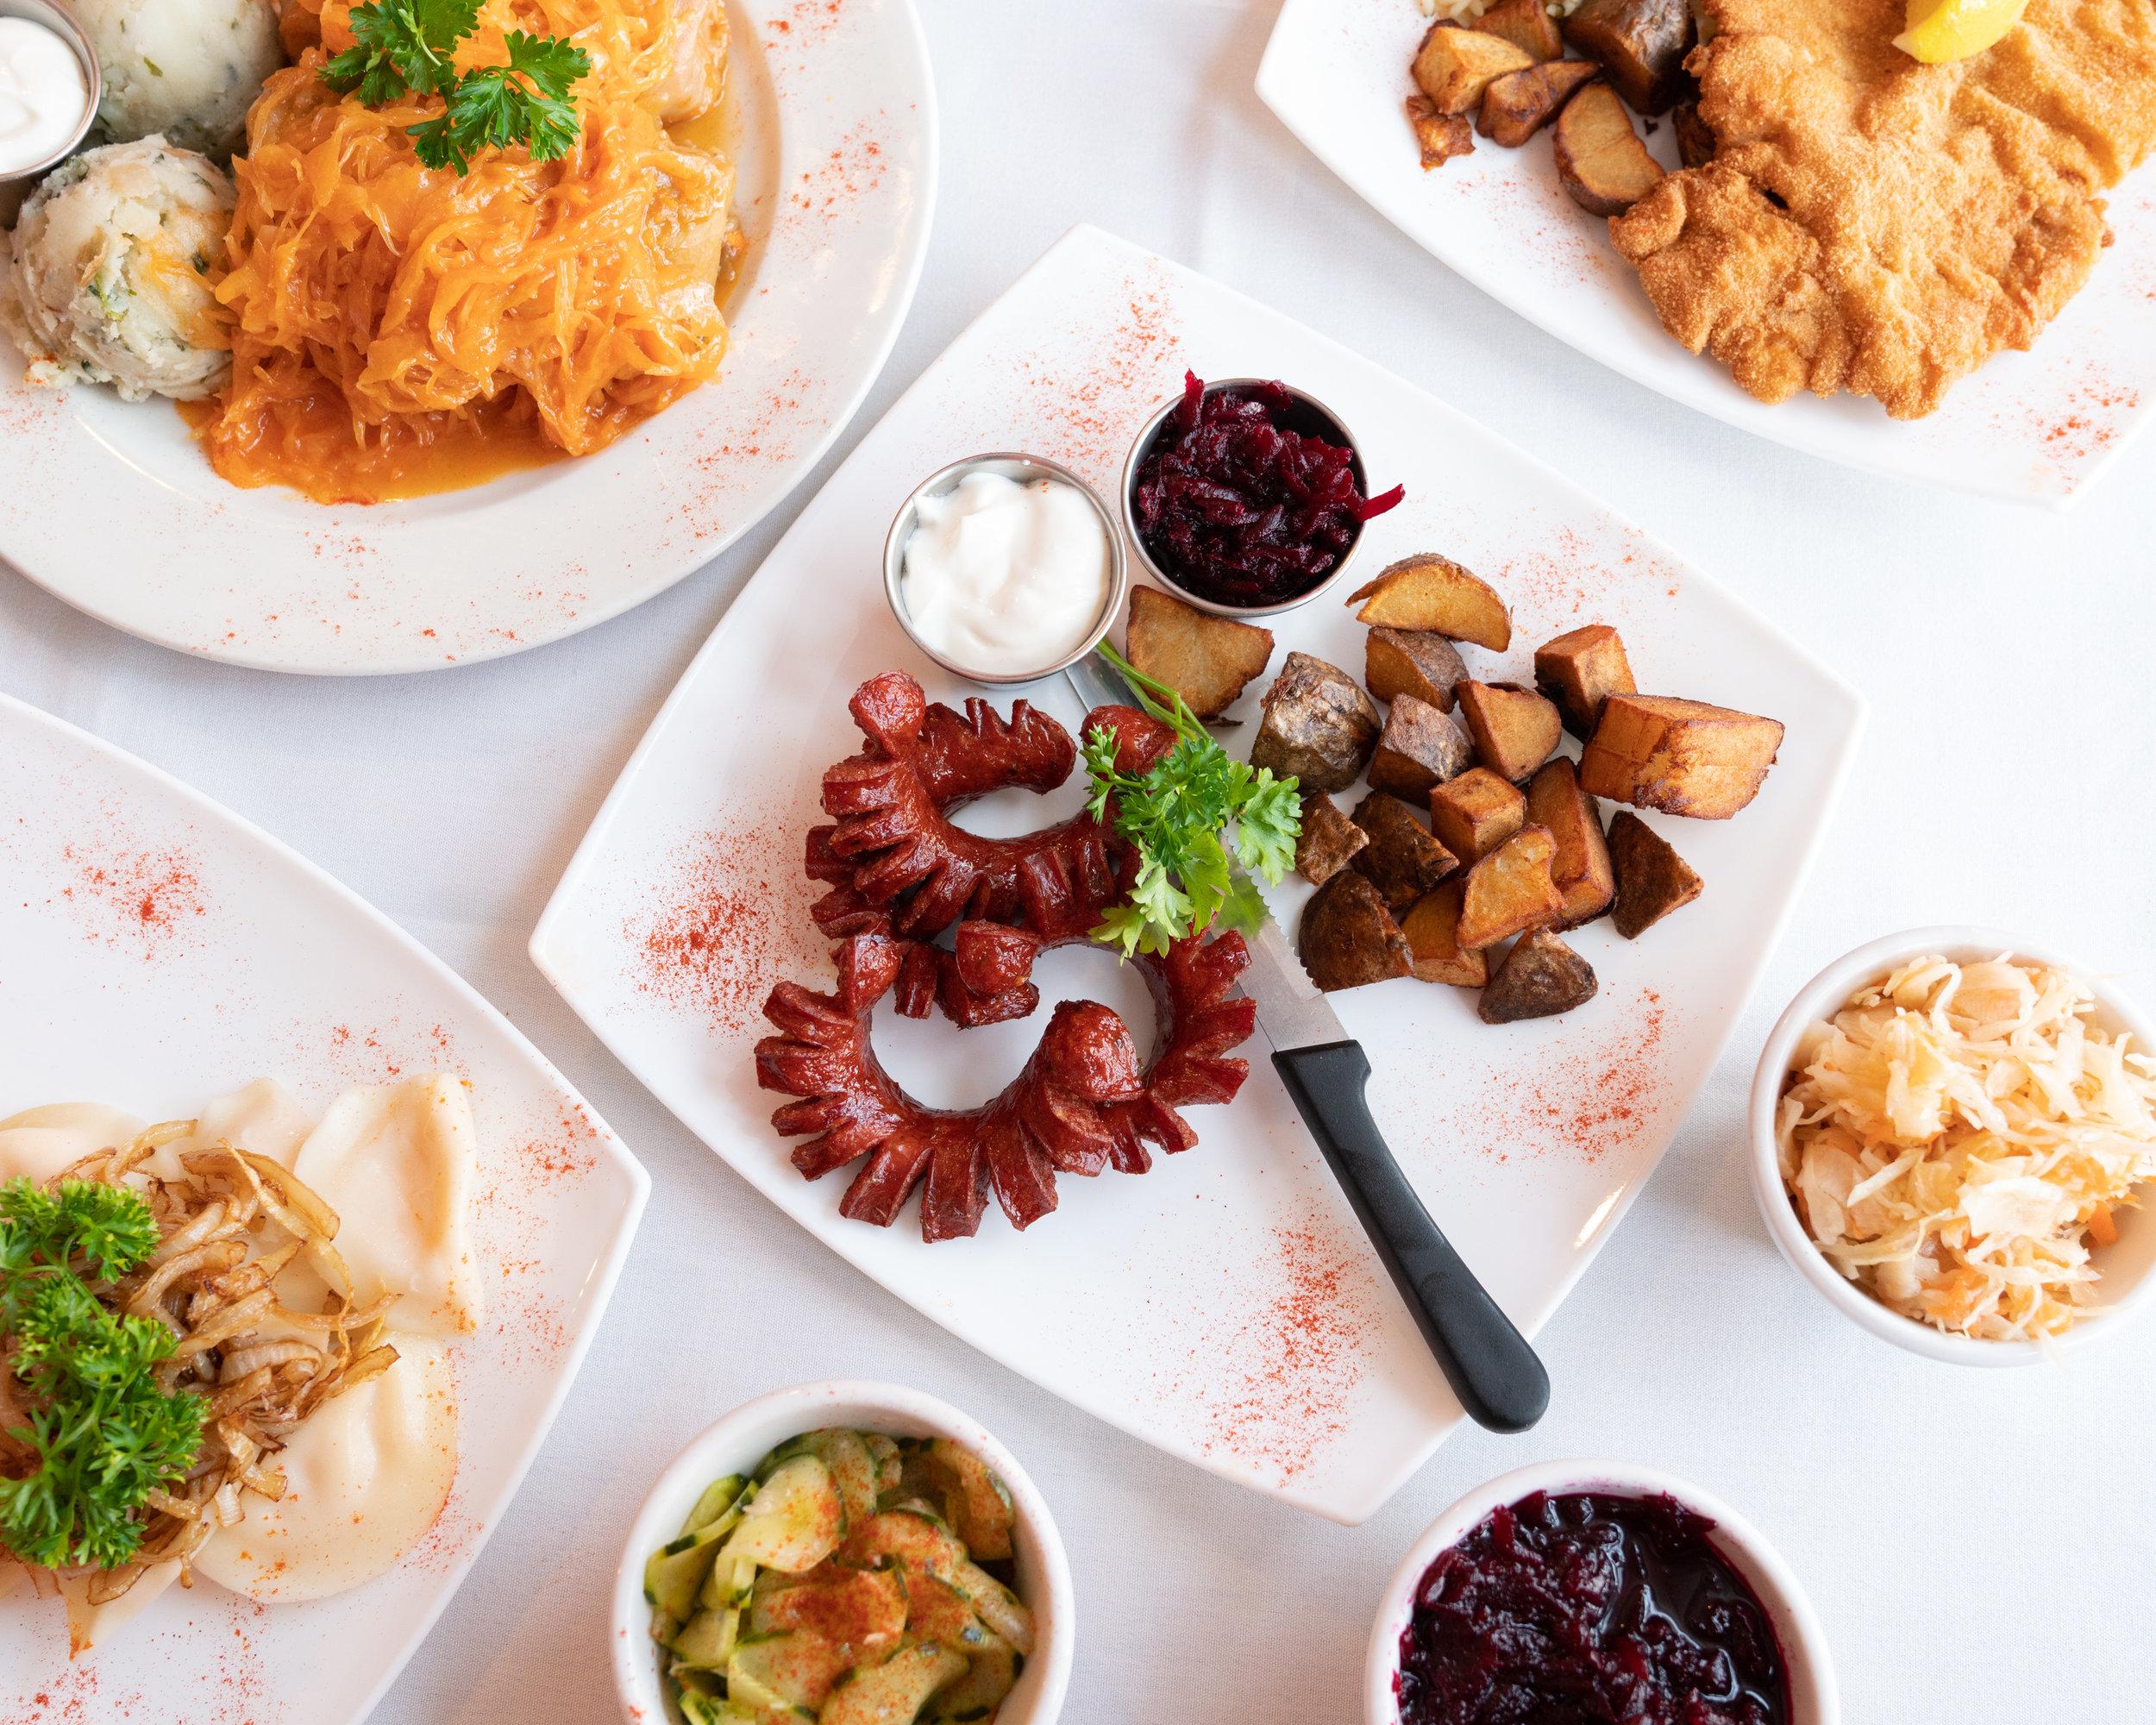 Budapest_Restaurant_Hero_2880x2304-1.jpg